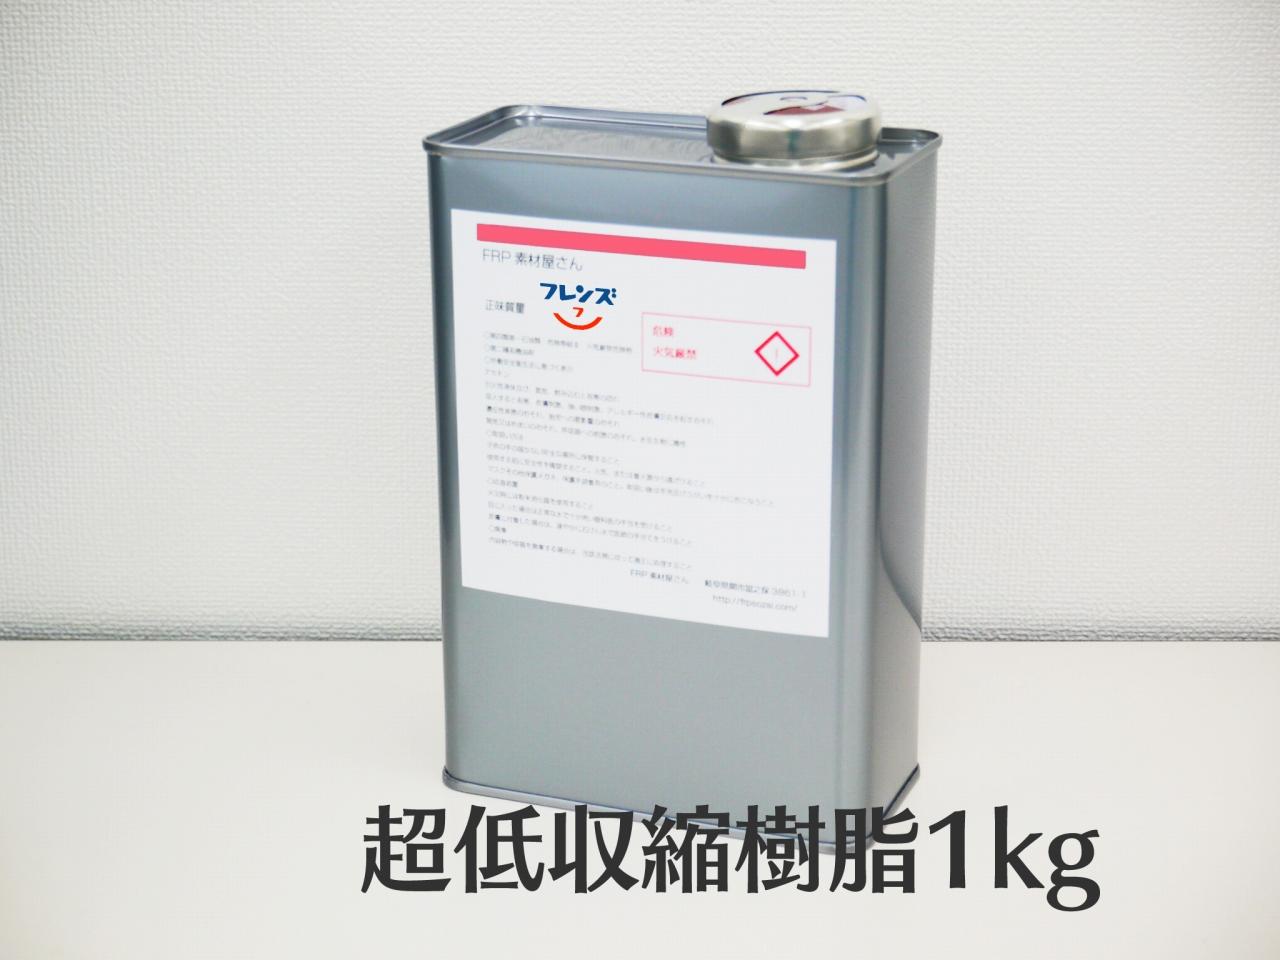 超低収縮樹脂4kgFRP板、反り止め、FRP型、高寸法精度製品に最適